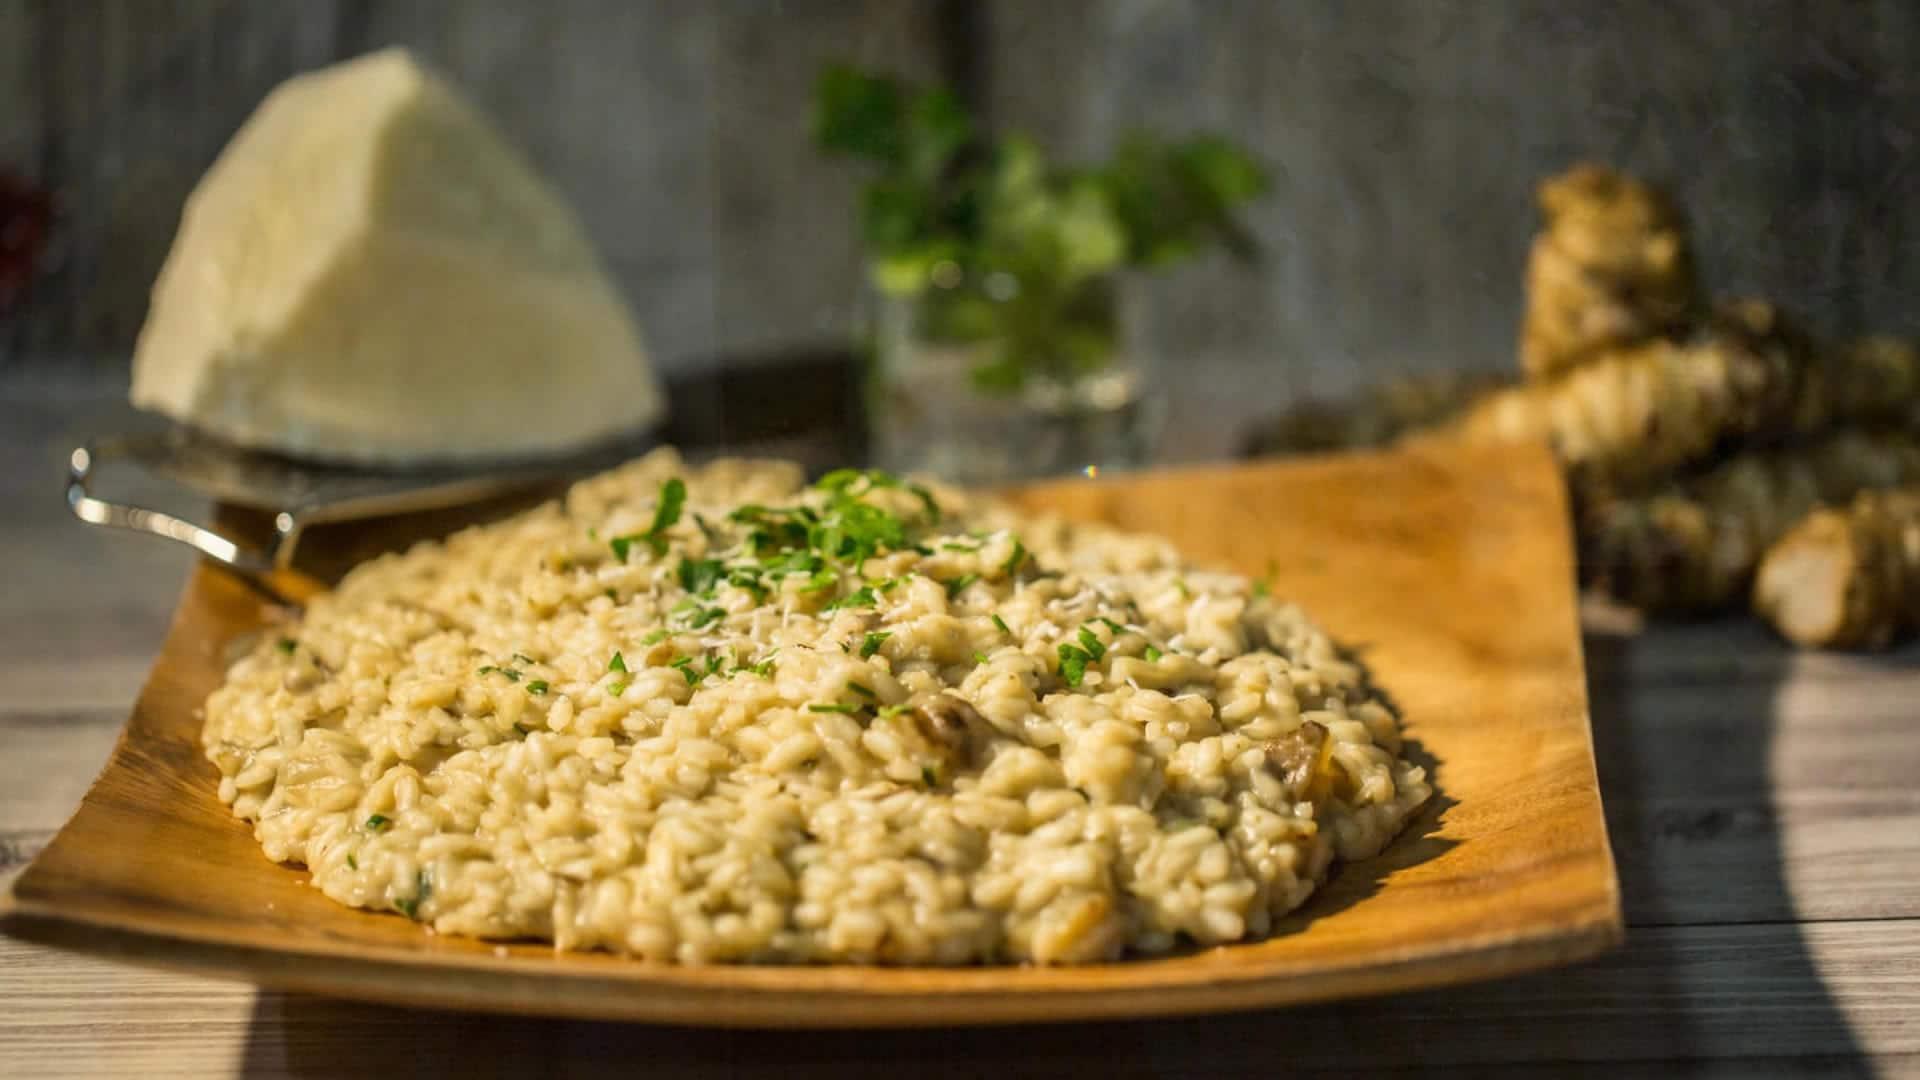 Risotto con topinambur for Risotto ricette